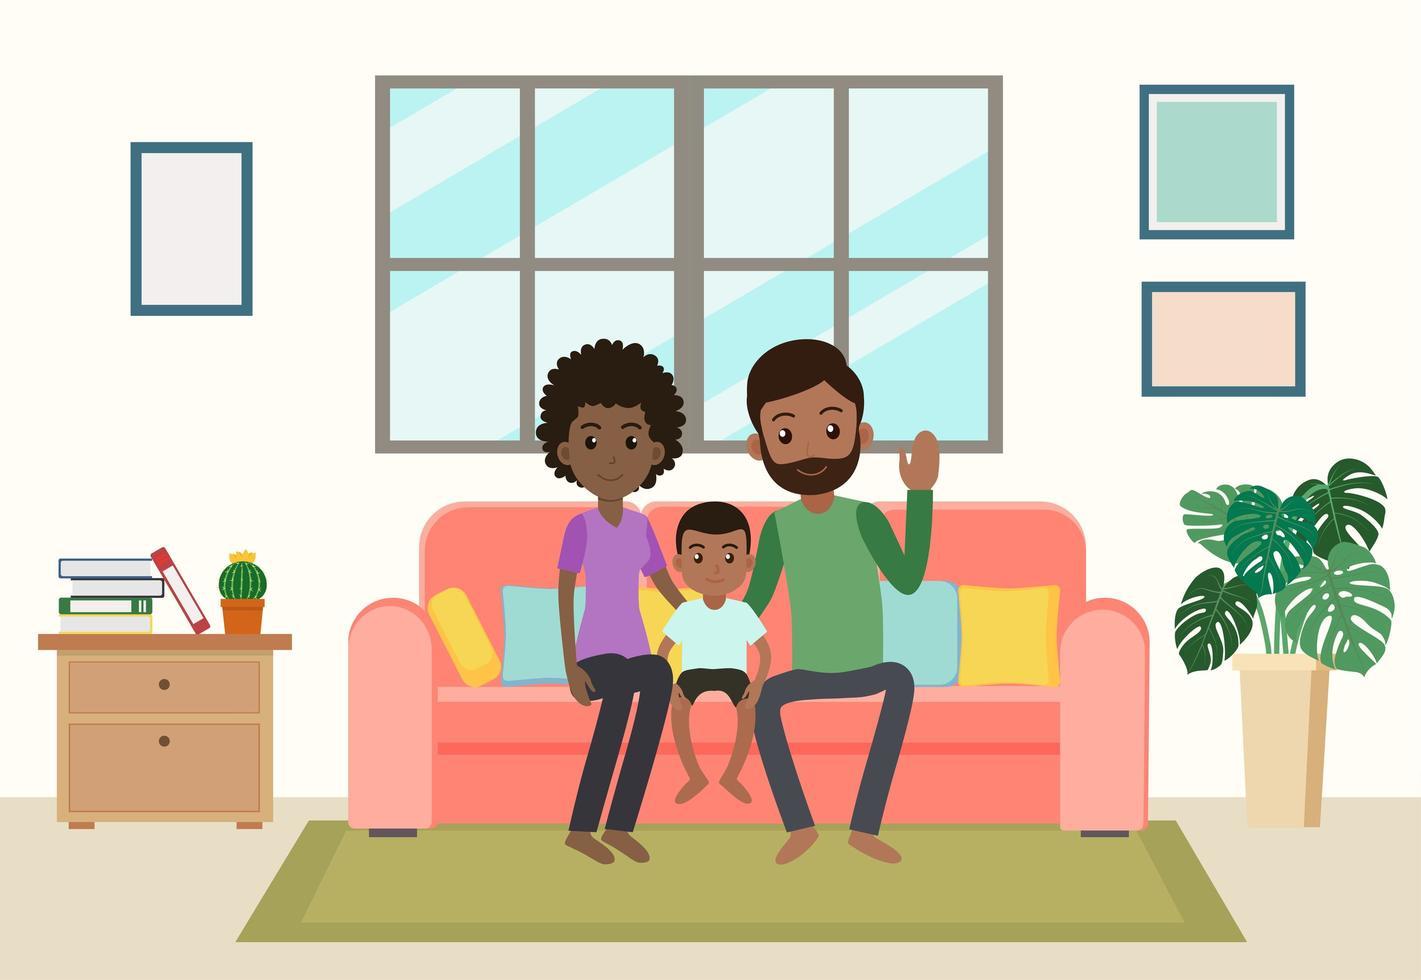 familia afroamericana de dibujos animados en casa vector